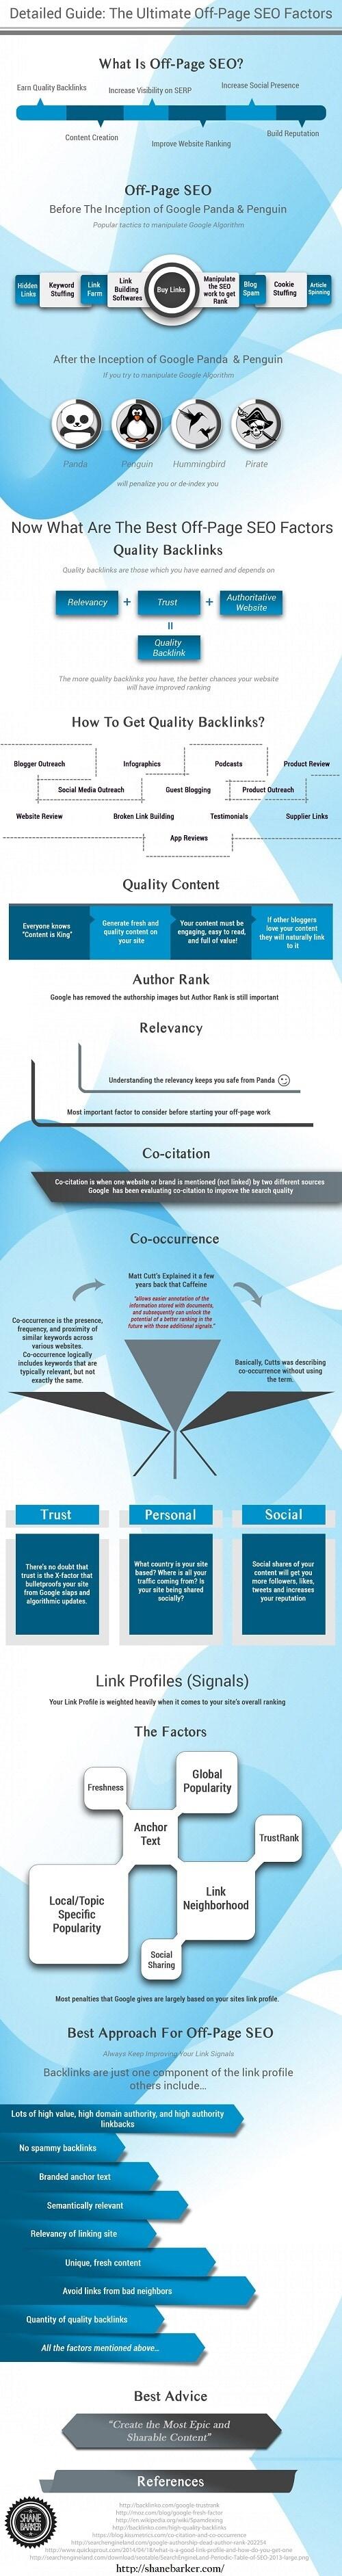 Técnicas más efectivas del SEO off-page #infografía